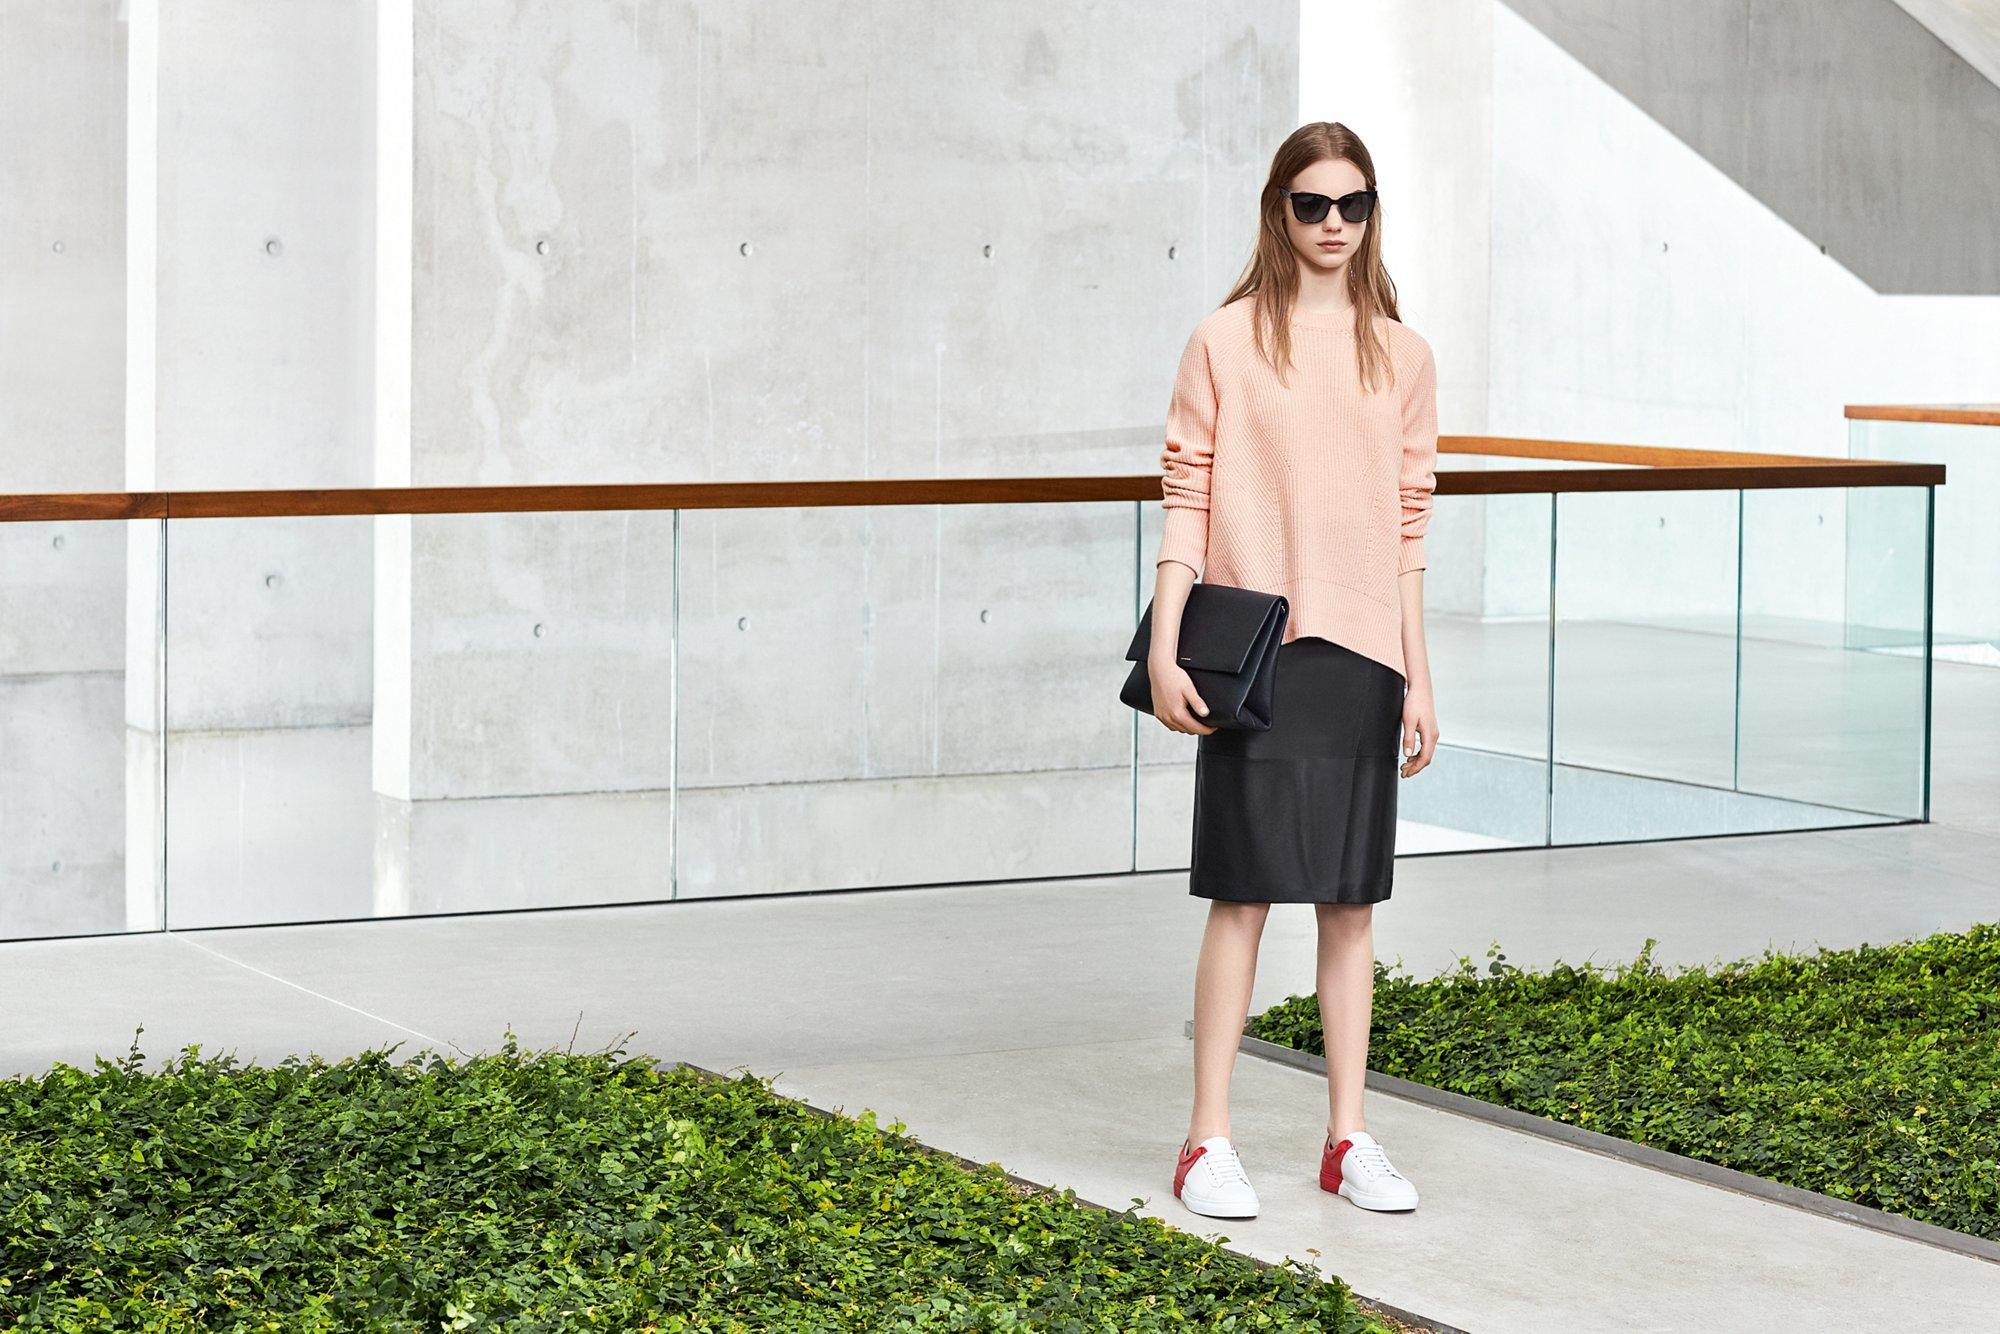 Strick, Lederrock und Tasche von BOSS Womenswear